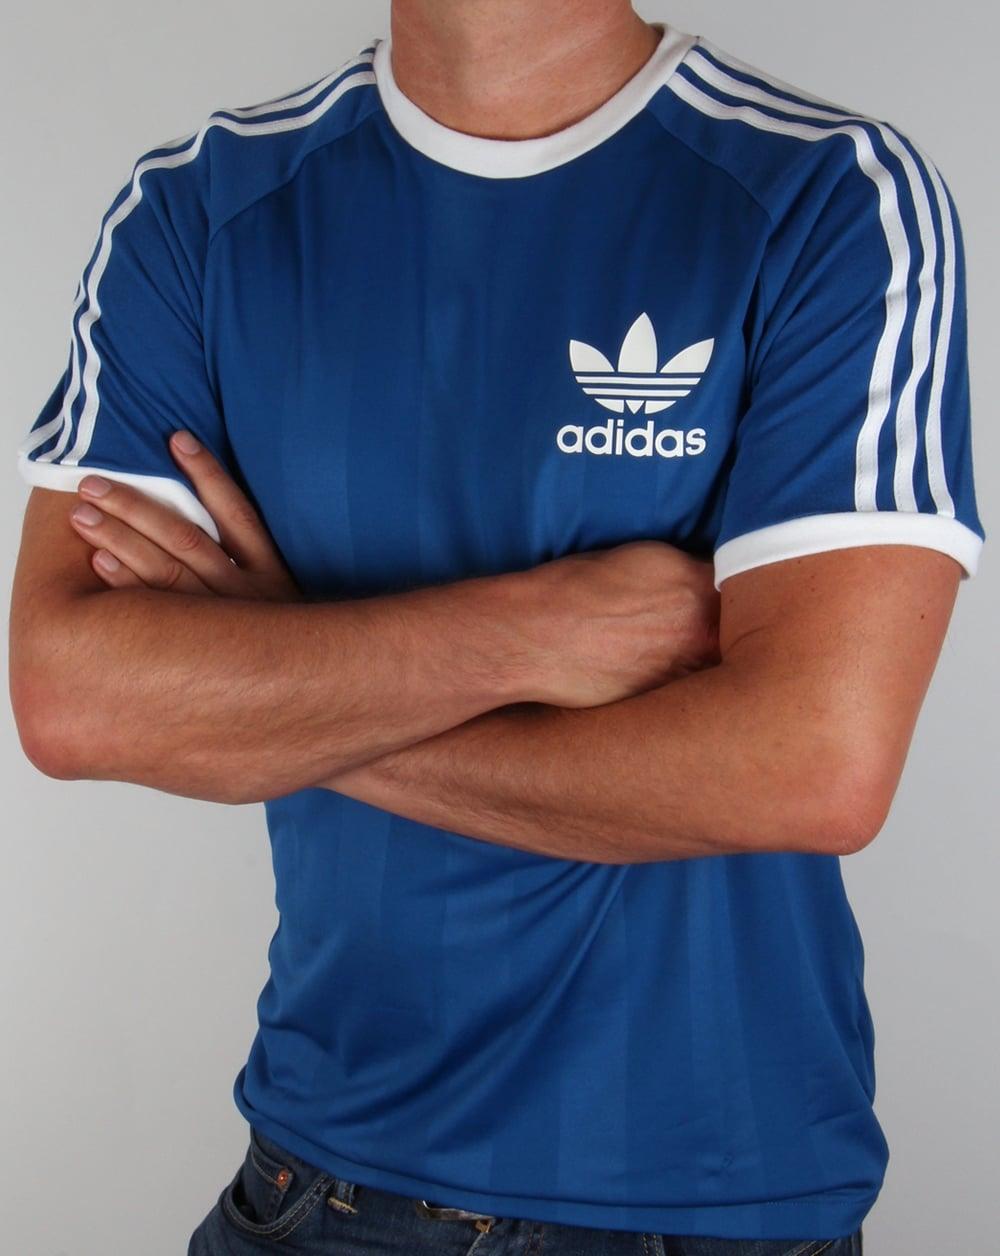 Achat De Dédouanement adidas Originals T-shirt Eqt Football En Ligne Finishline Dates De Sortie Rabais Grande Vente Manchester 3cx2hK